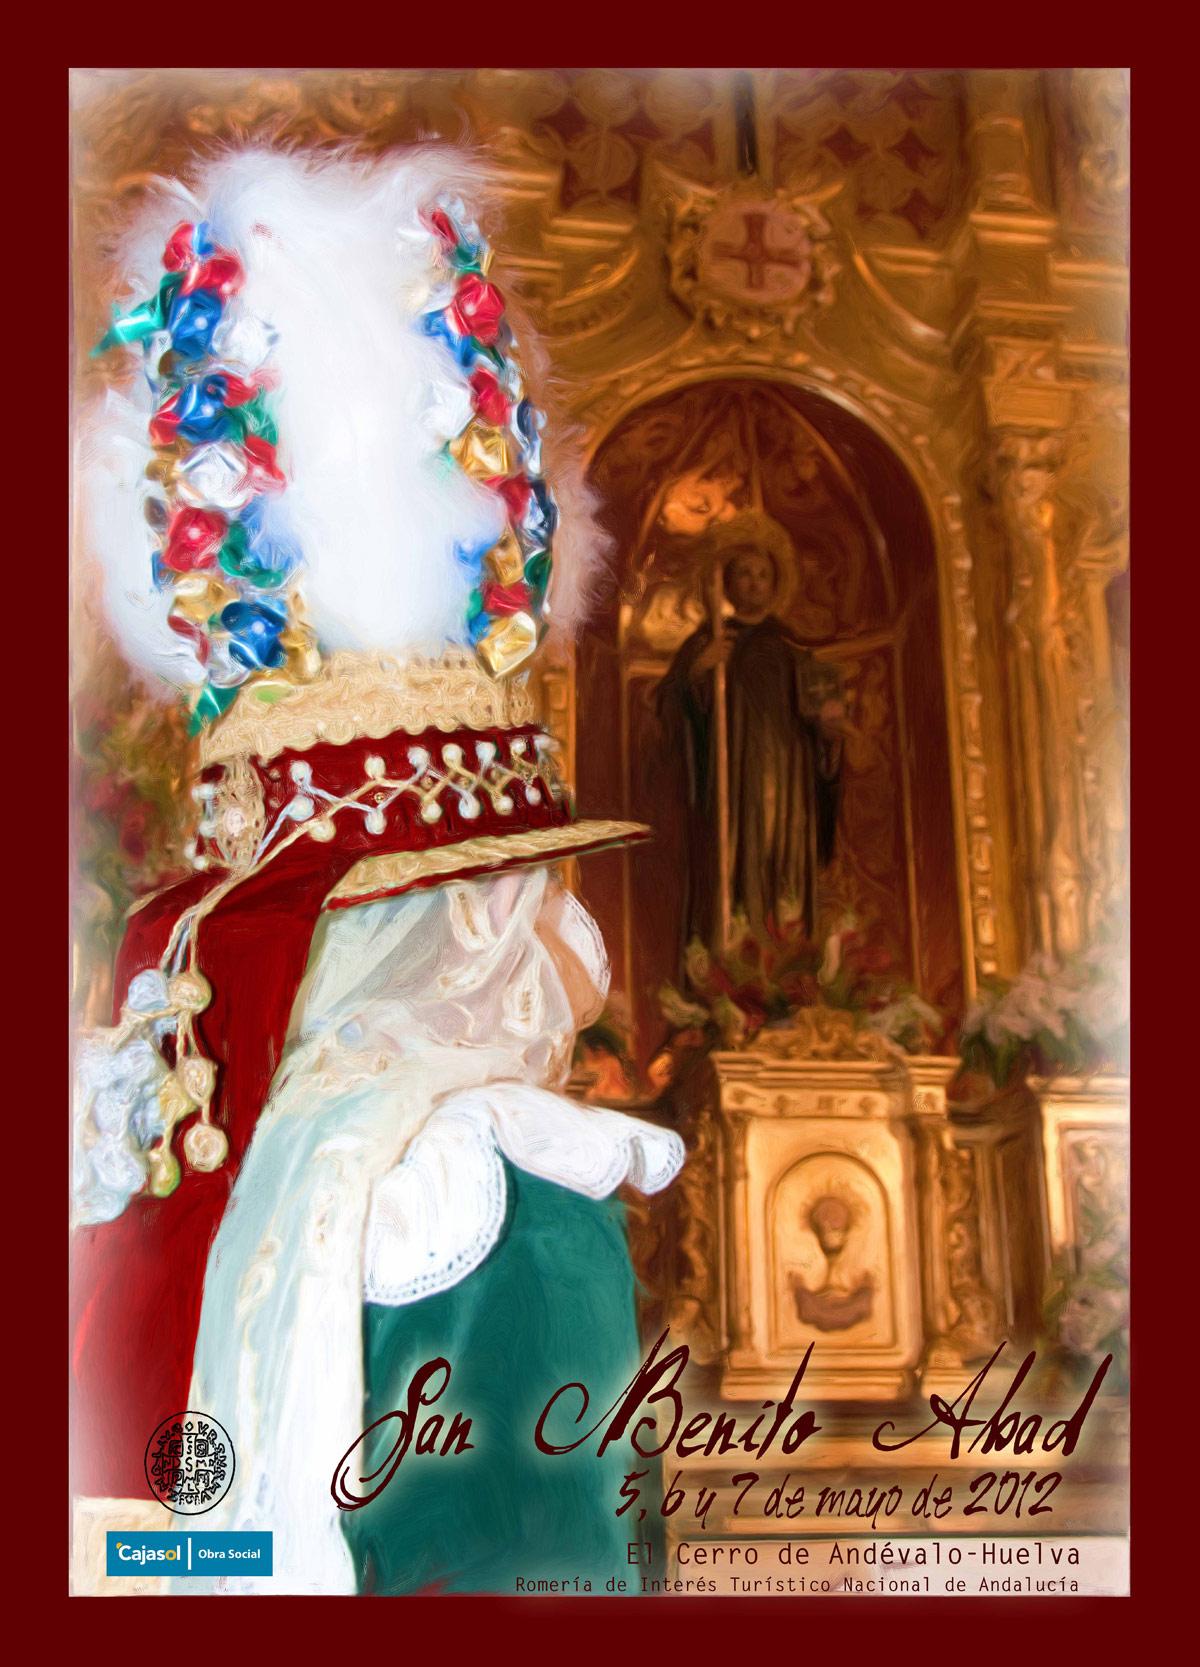 Cartel Anunciador de la Romería 2012